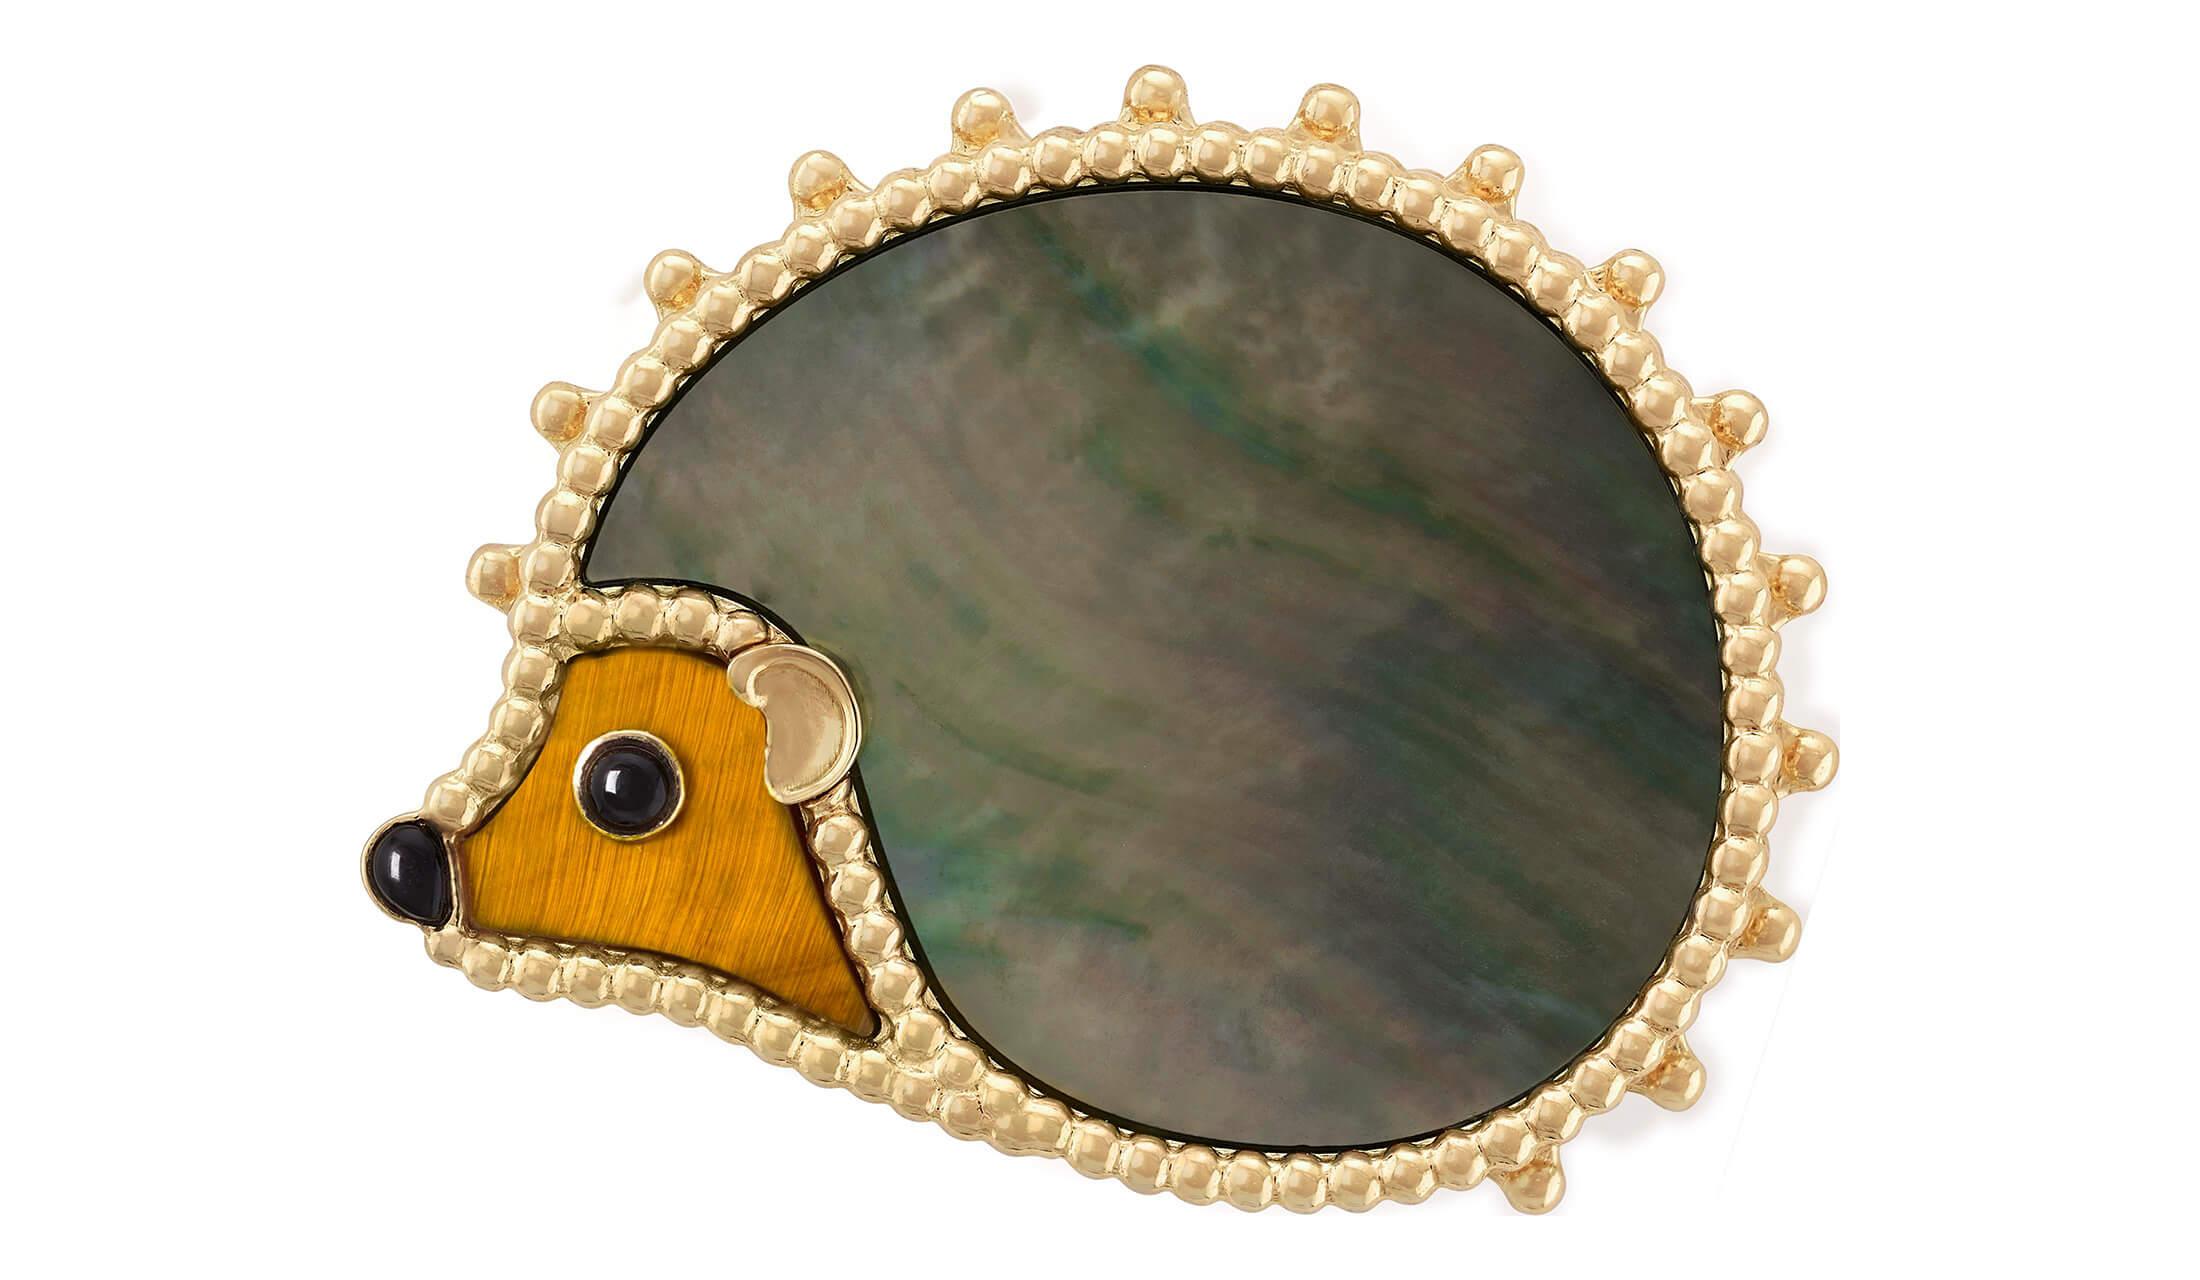 ヴァン クリーフ & アーペル「ラッキー アニマルズ」コレクションのハリネズミのクリップ